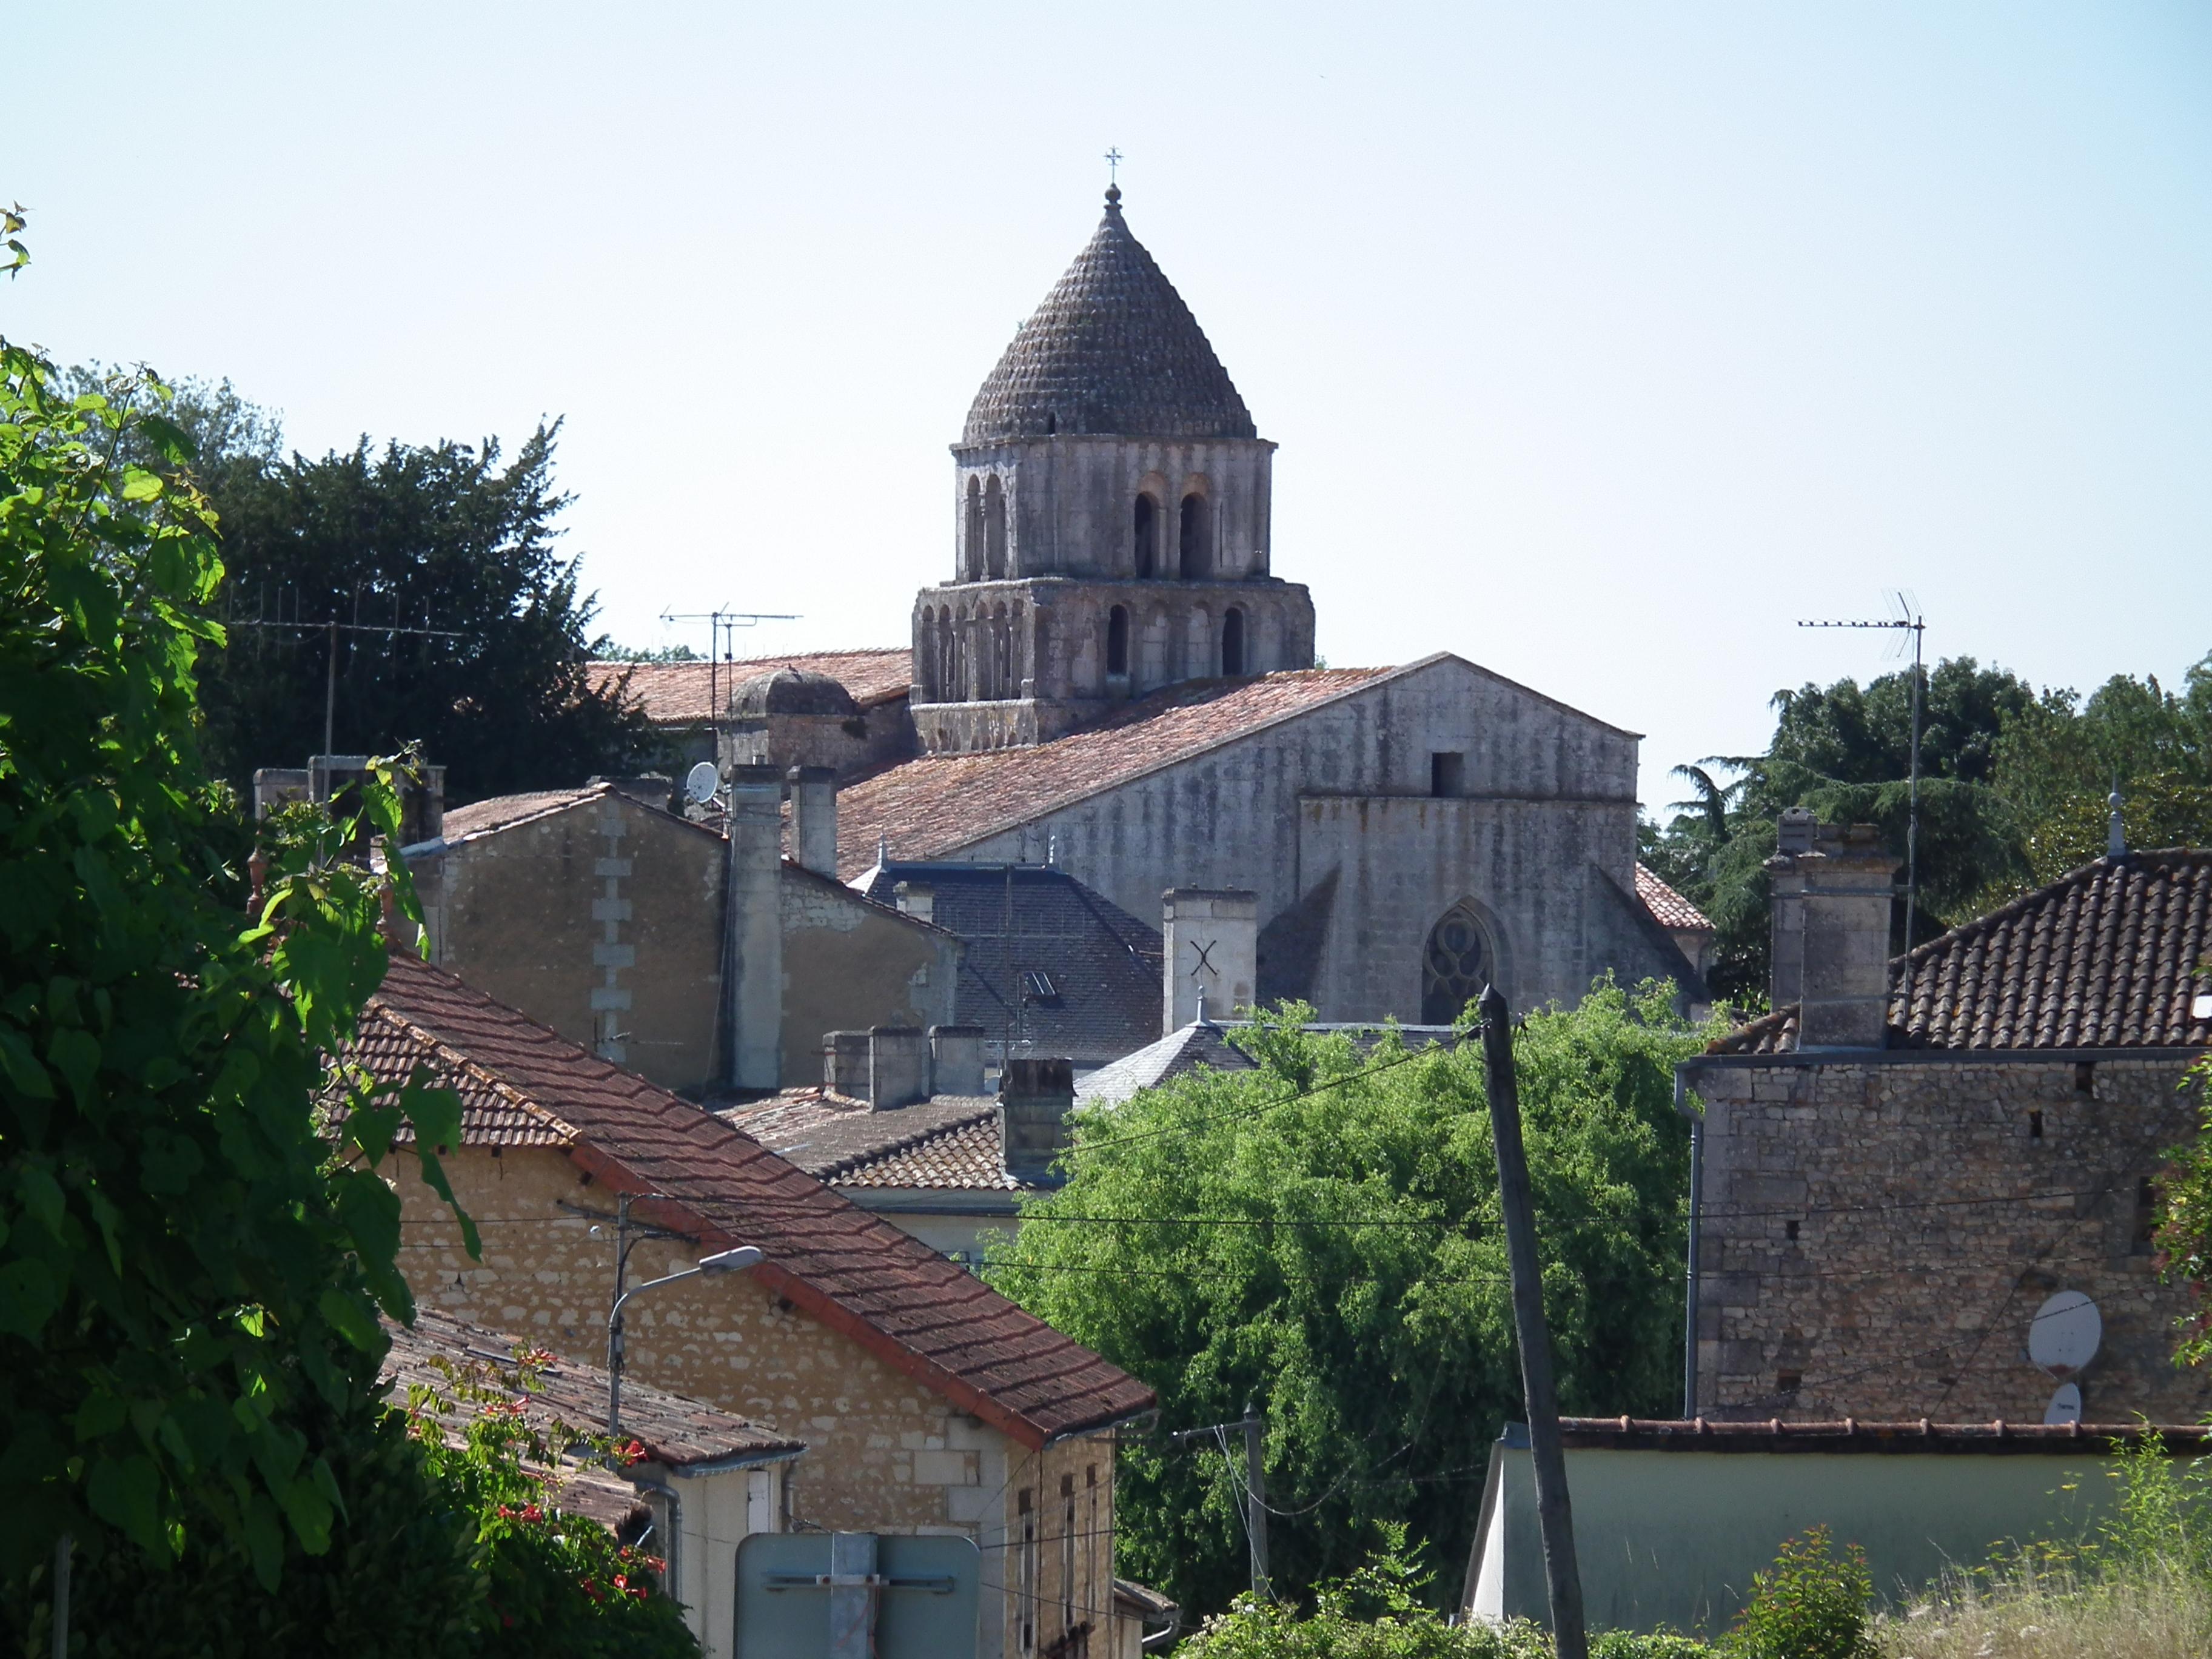 Nieul-le-Virouil